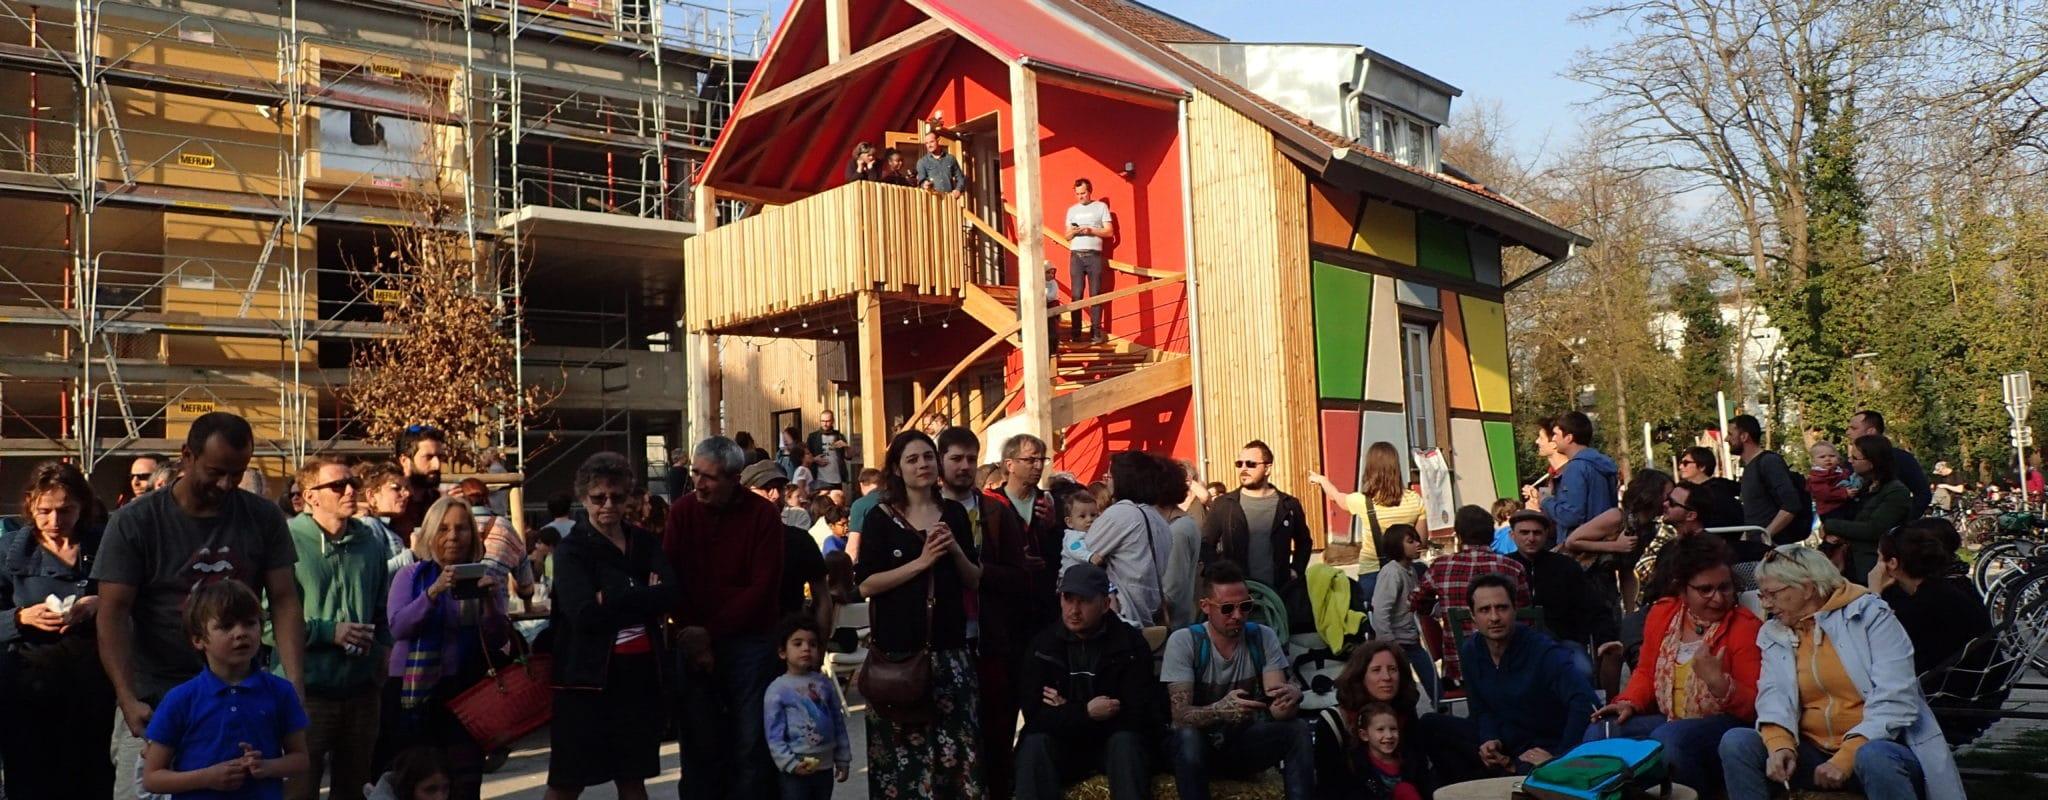 Au Neudorf, la Maison citoyenne fête son ouverture en couleurs le 18 mai